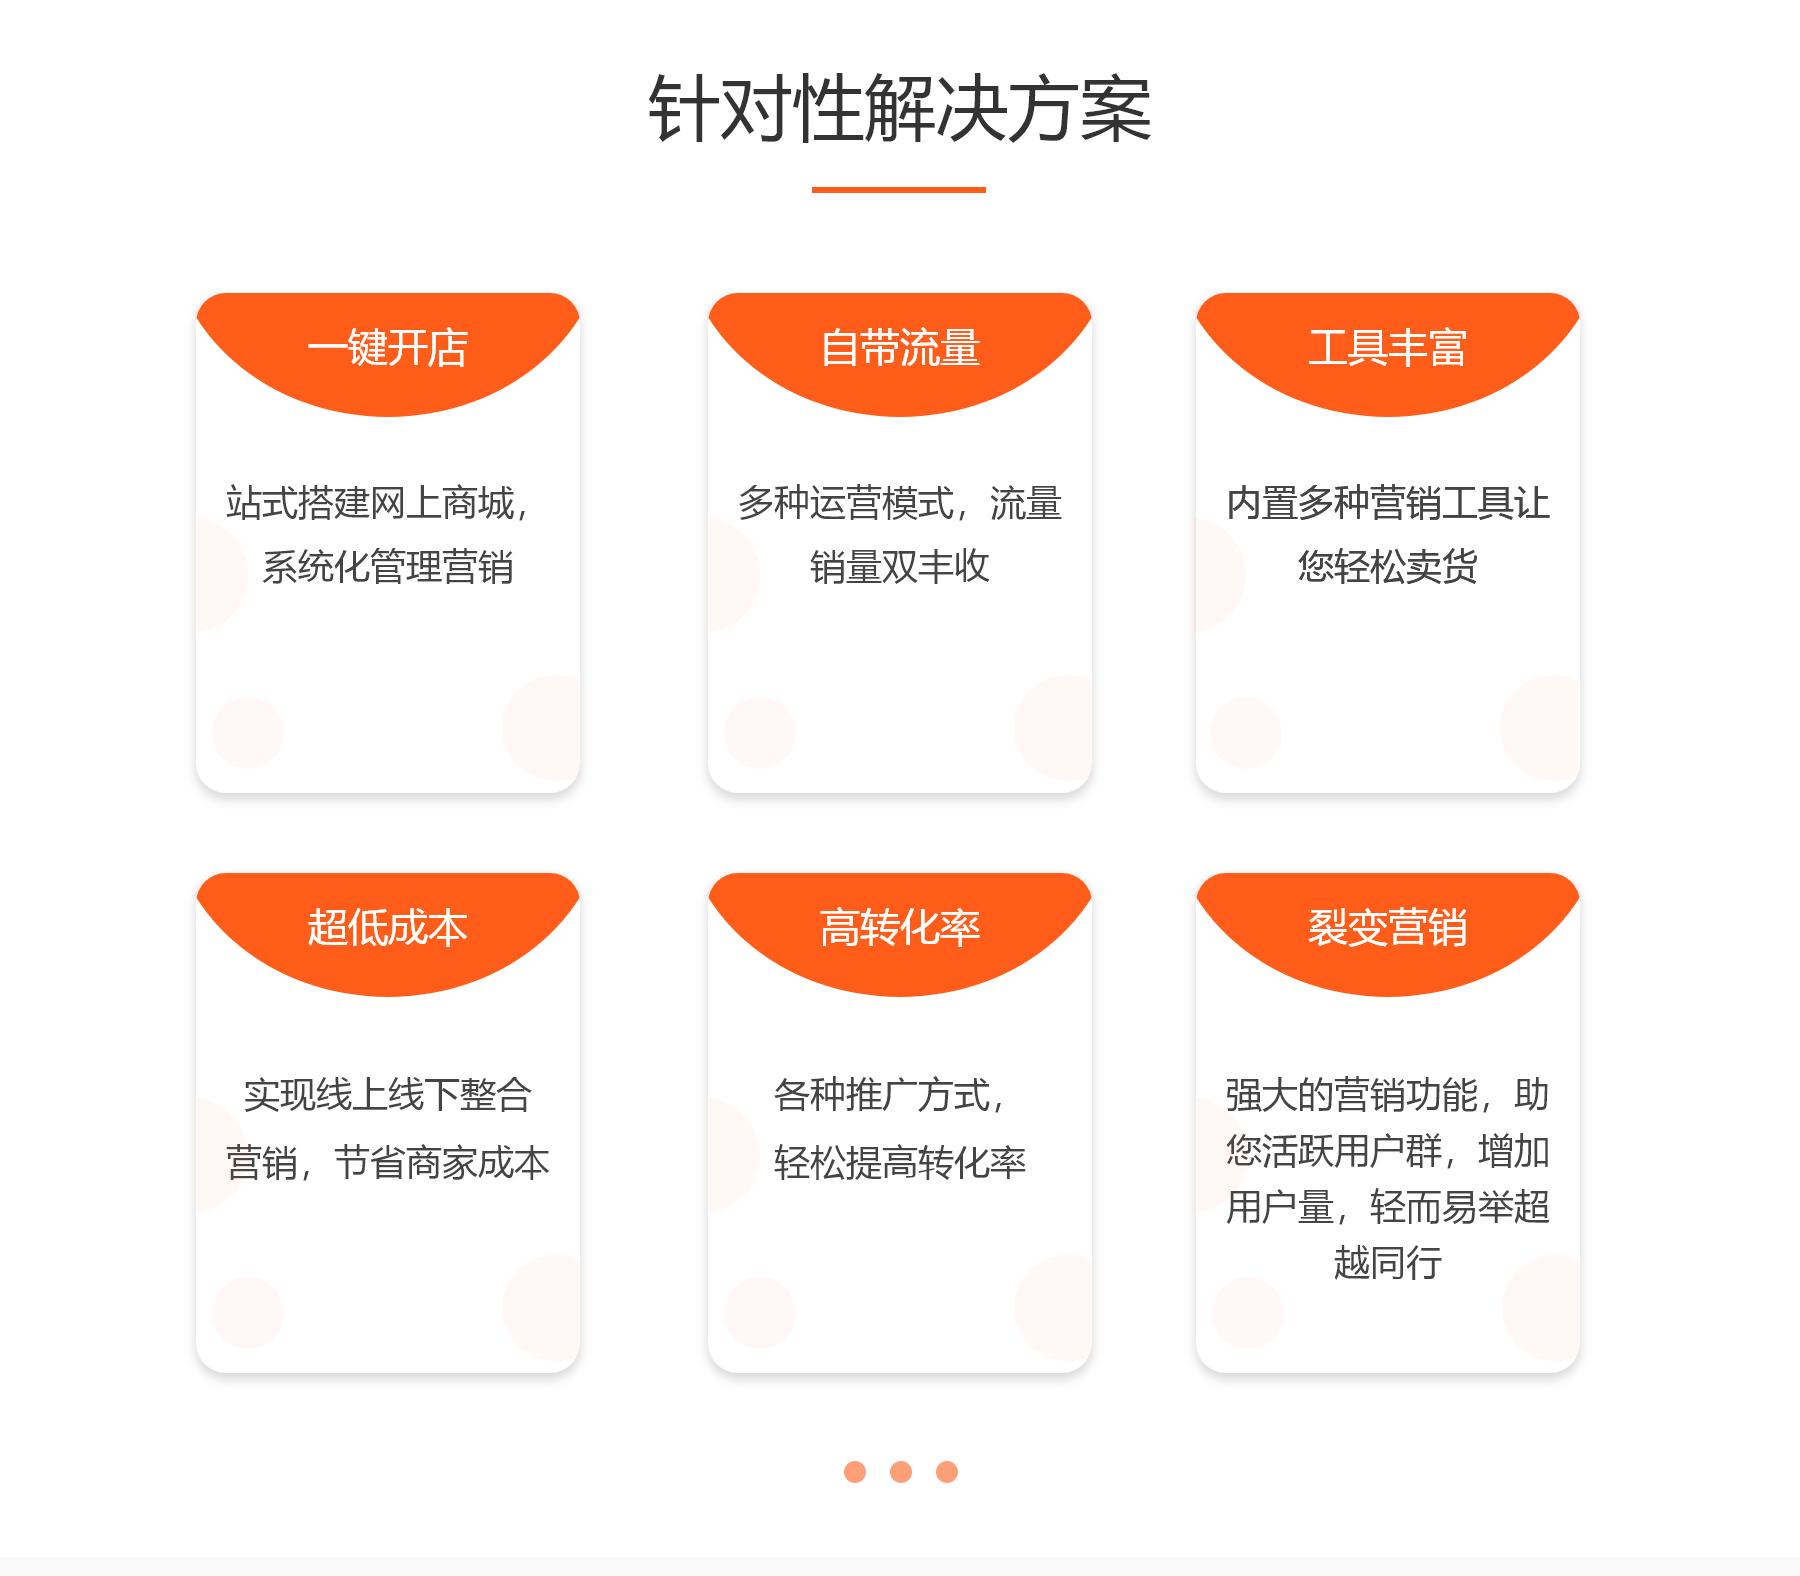 语音合成/机器翻译/文字识别/歌曲识别/原生定制提供源码